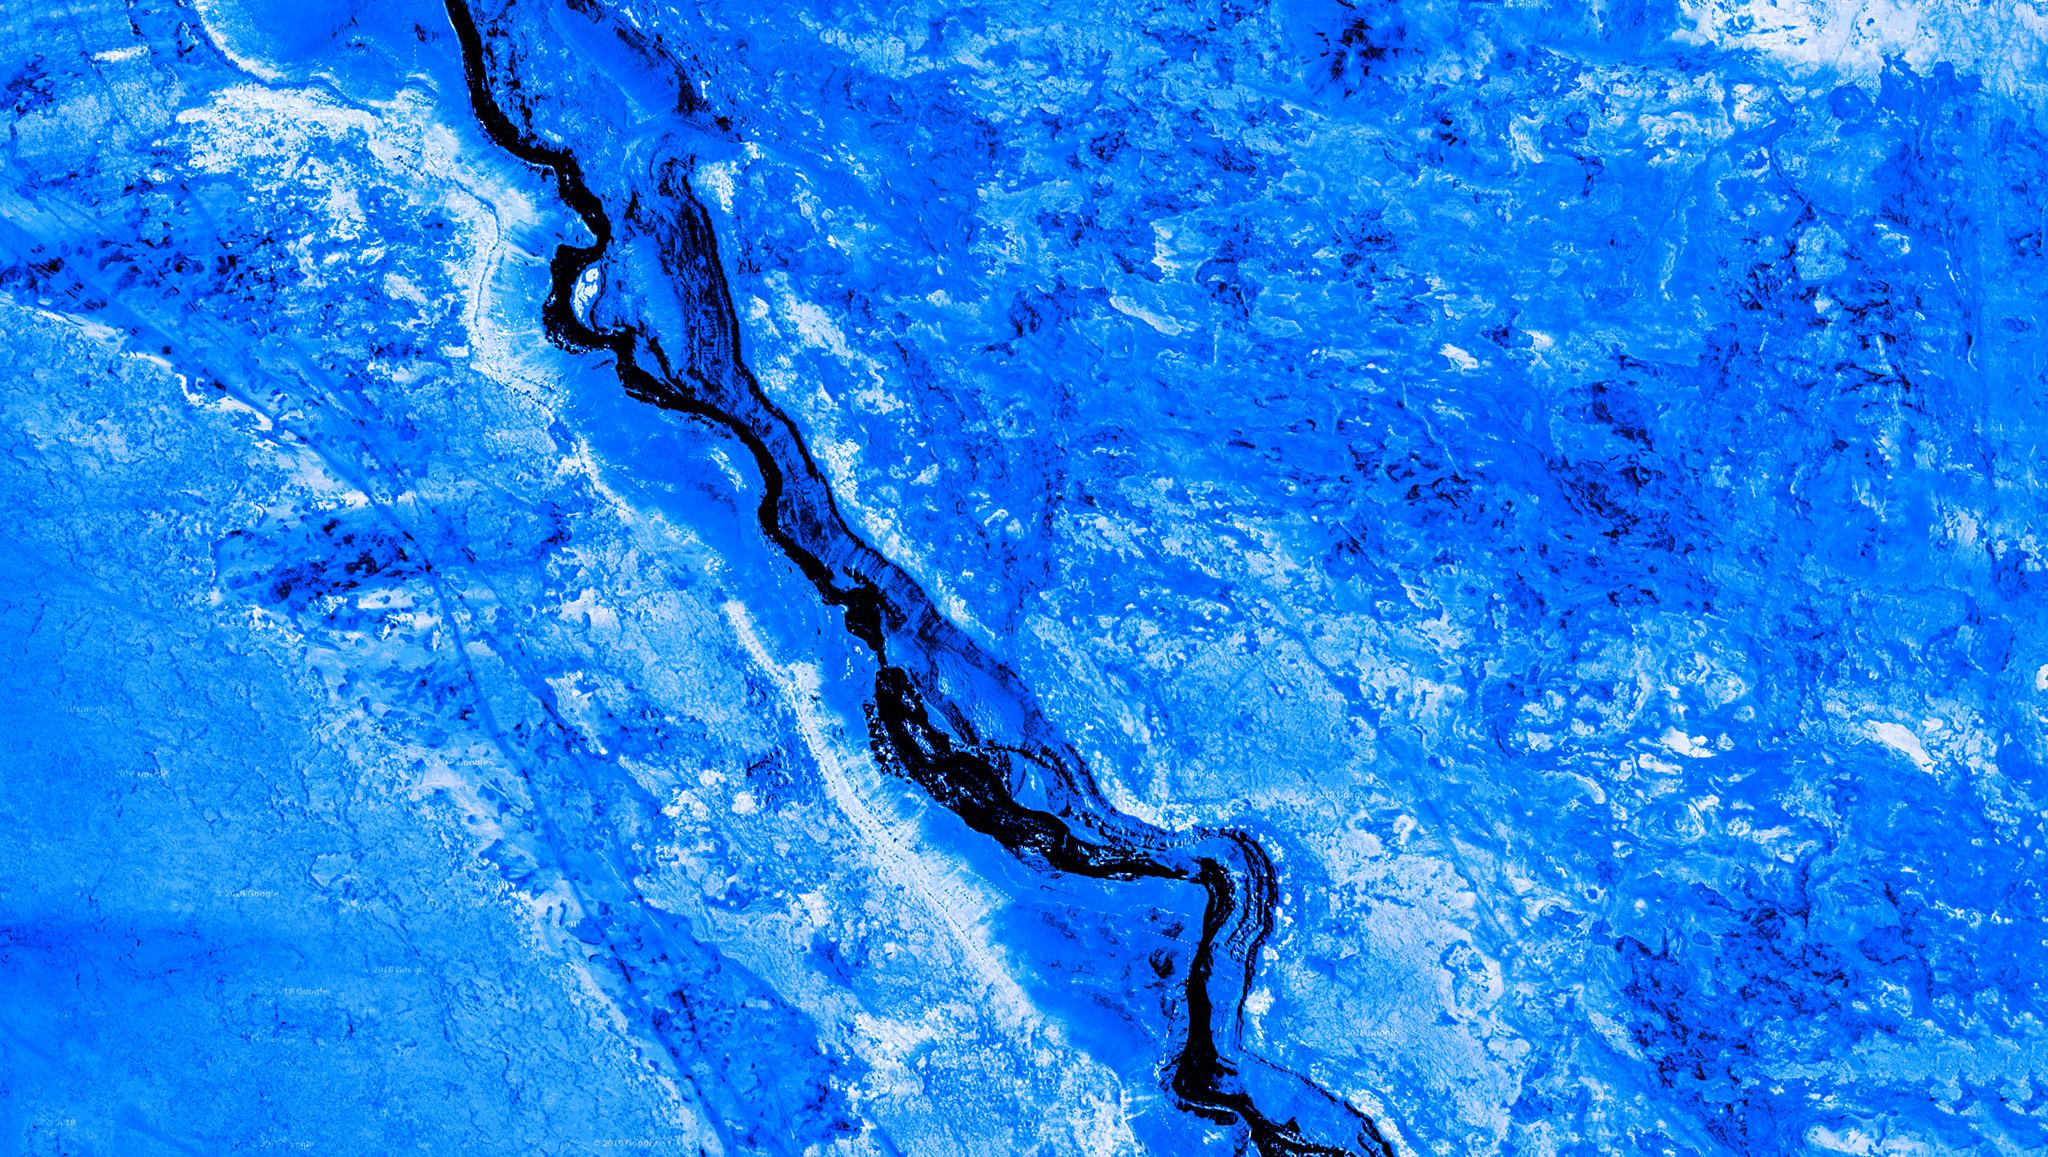 Fotógrafo cria arte com imagens do Google Maps